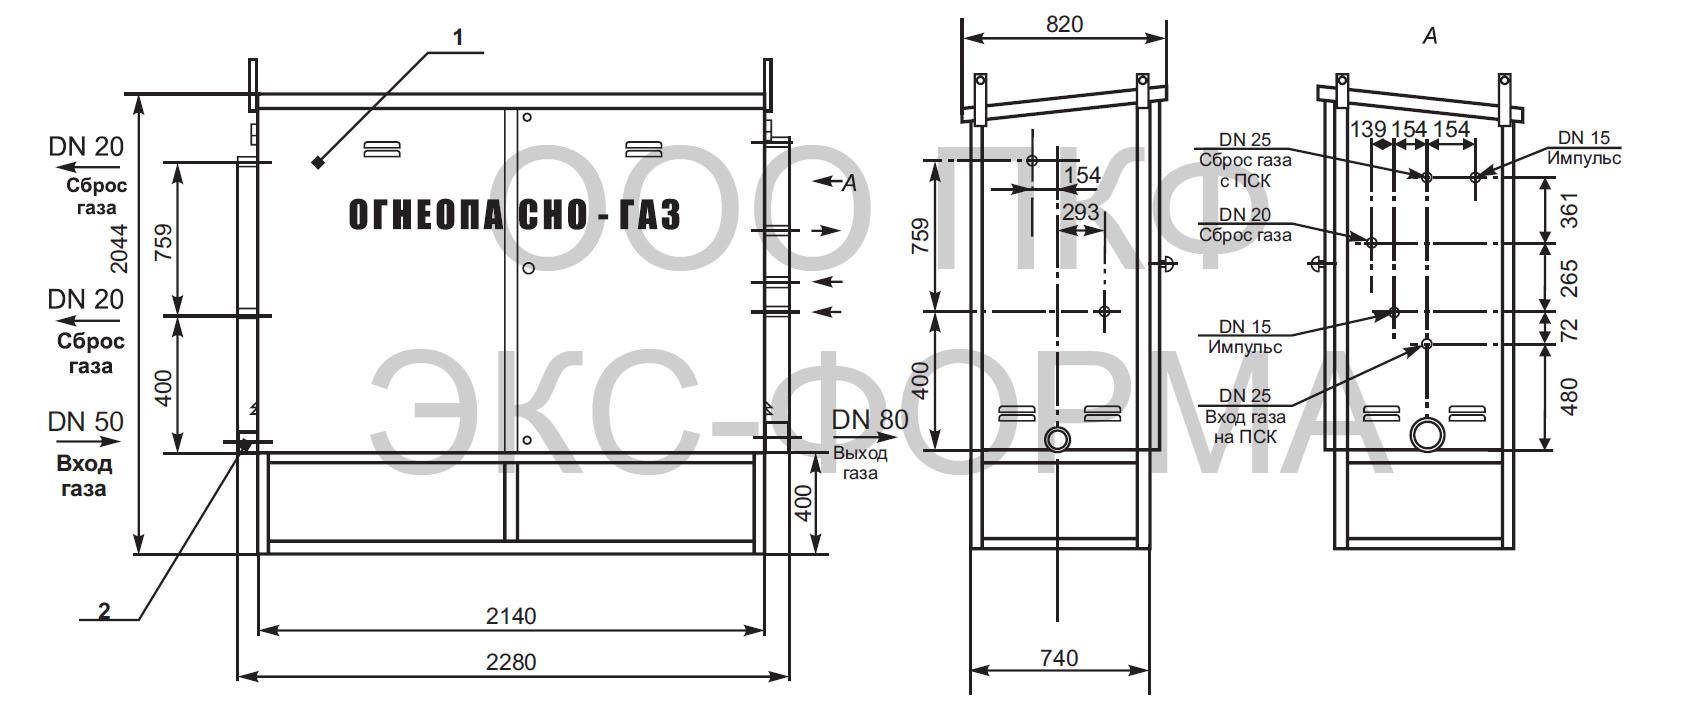 схема ГРПШ-03БМ-2У1